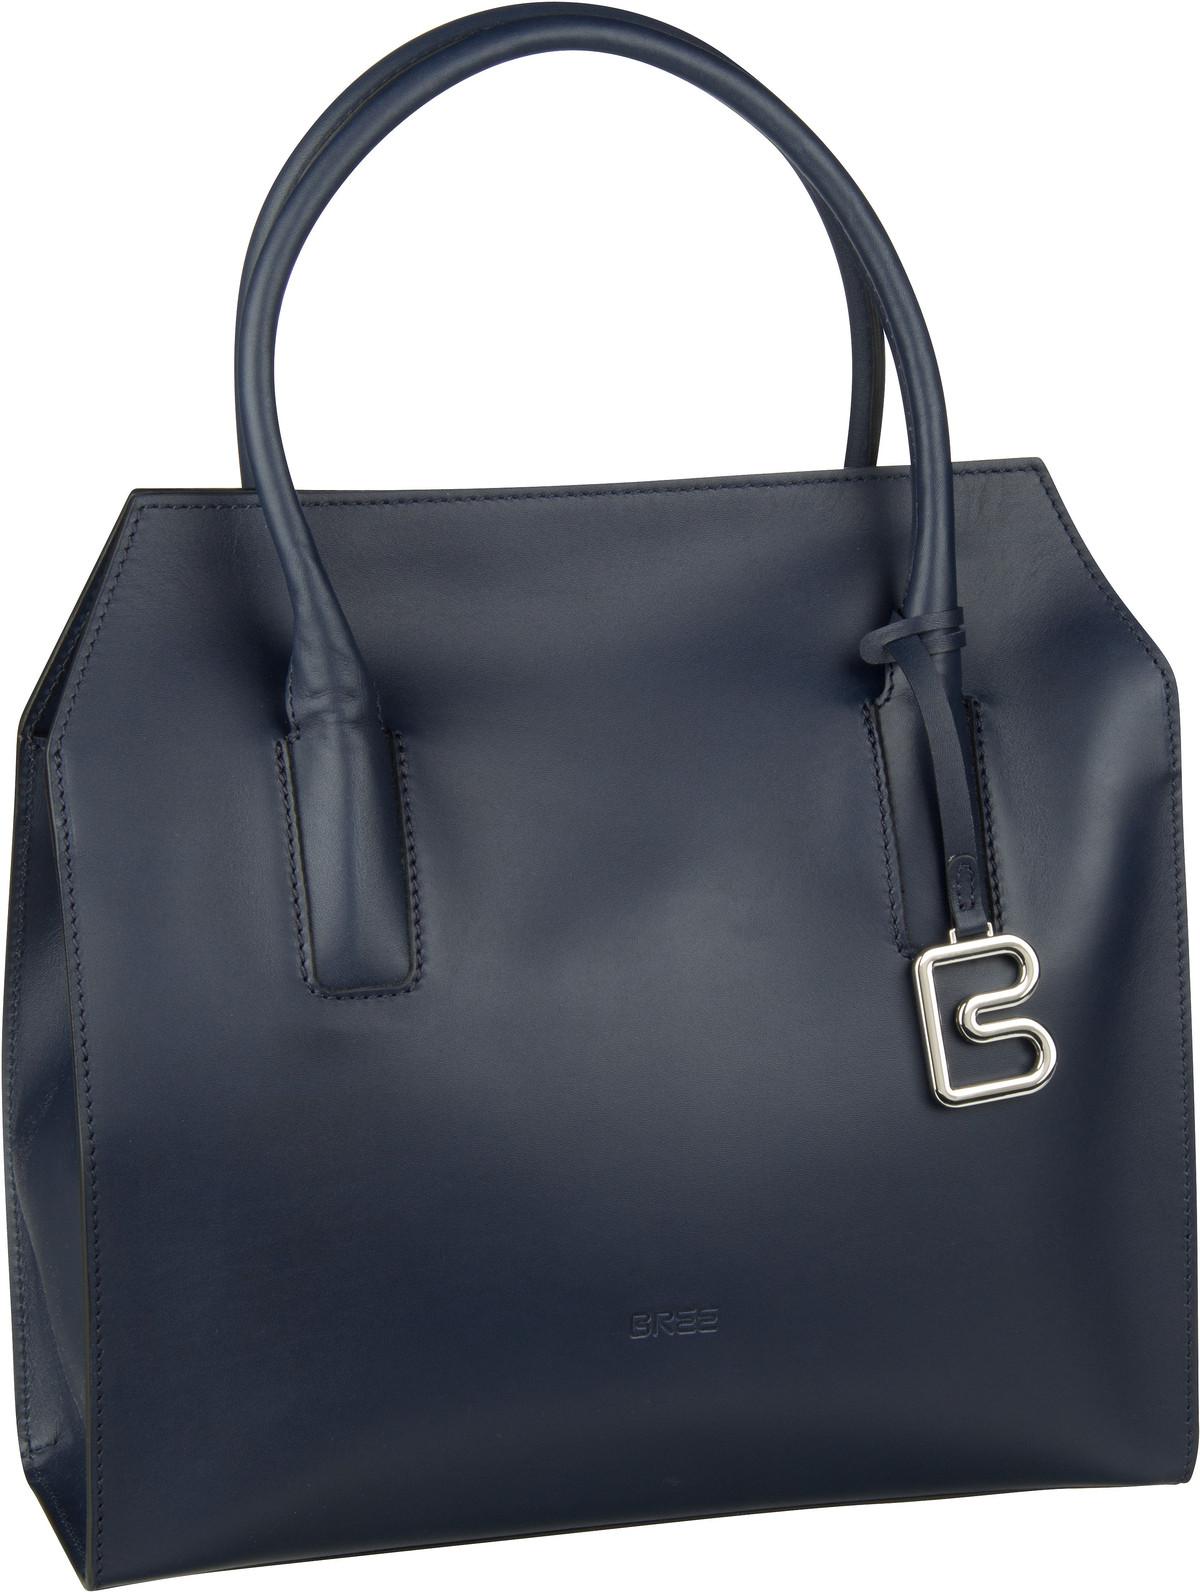 Handtasche Cambridge 14 Dark Blue (5 Liter)